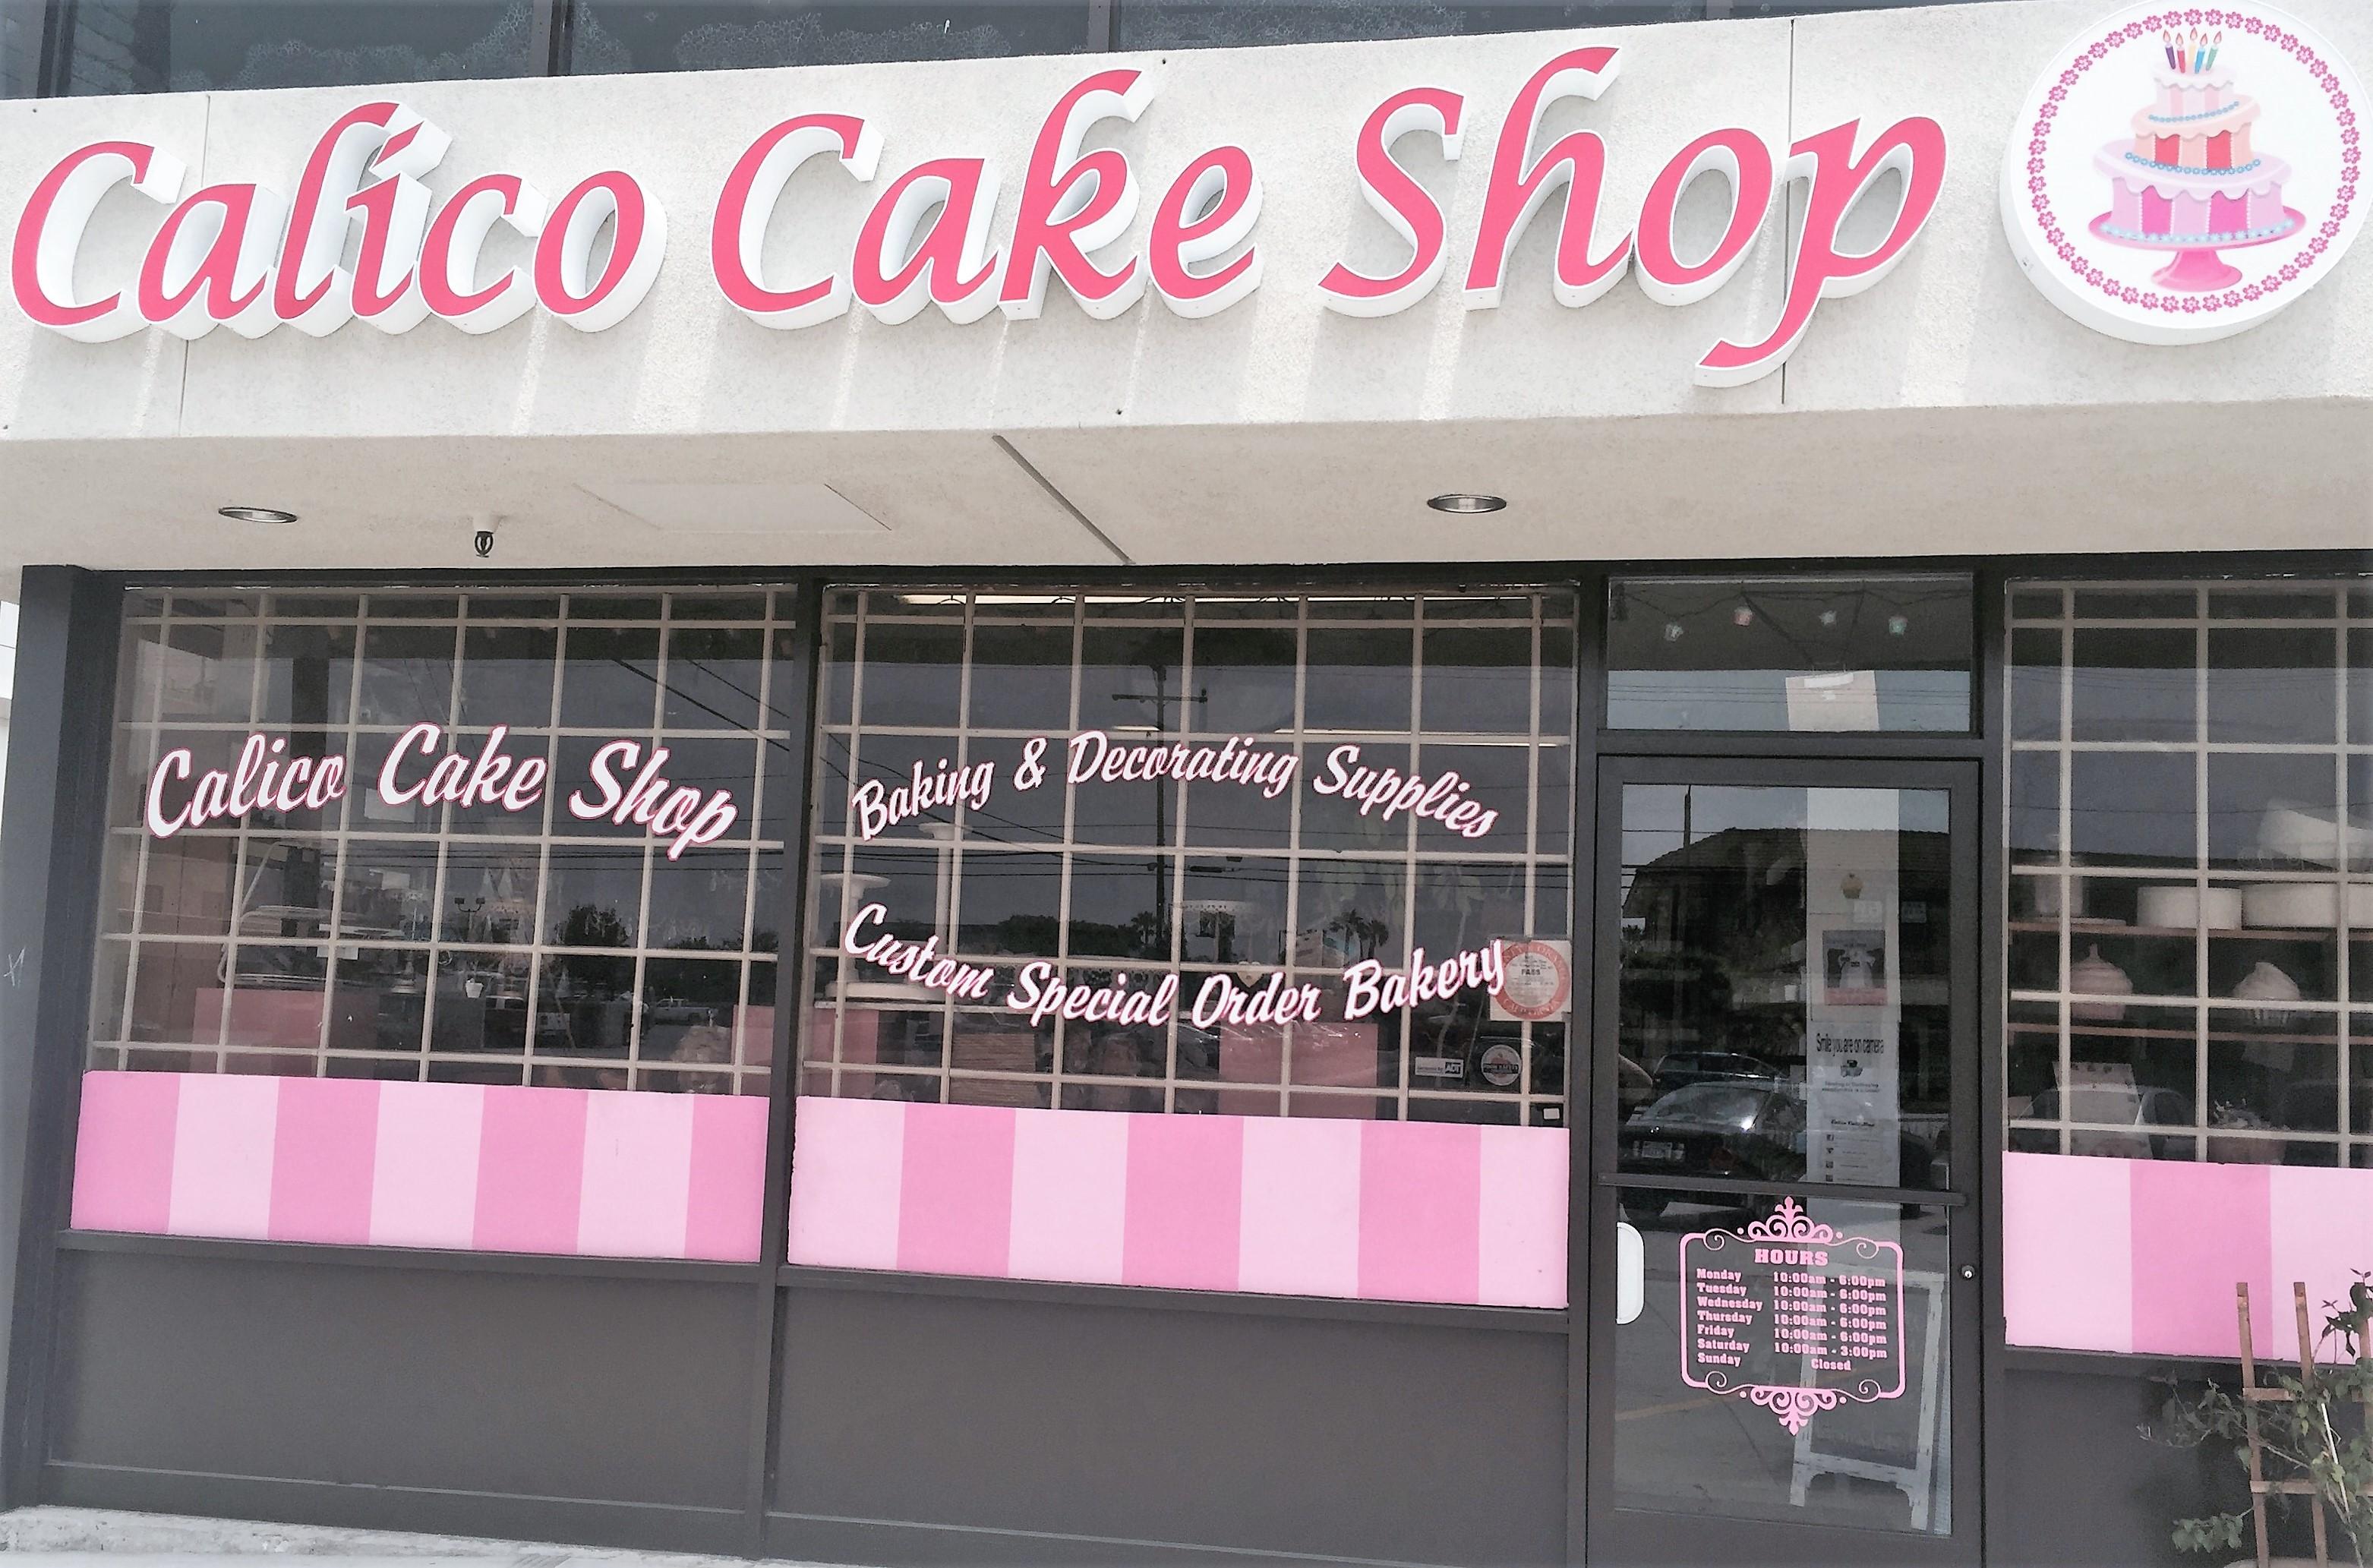 Calico Cake Shop Buena Park